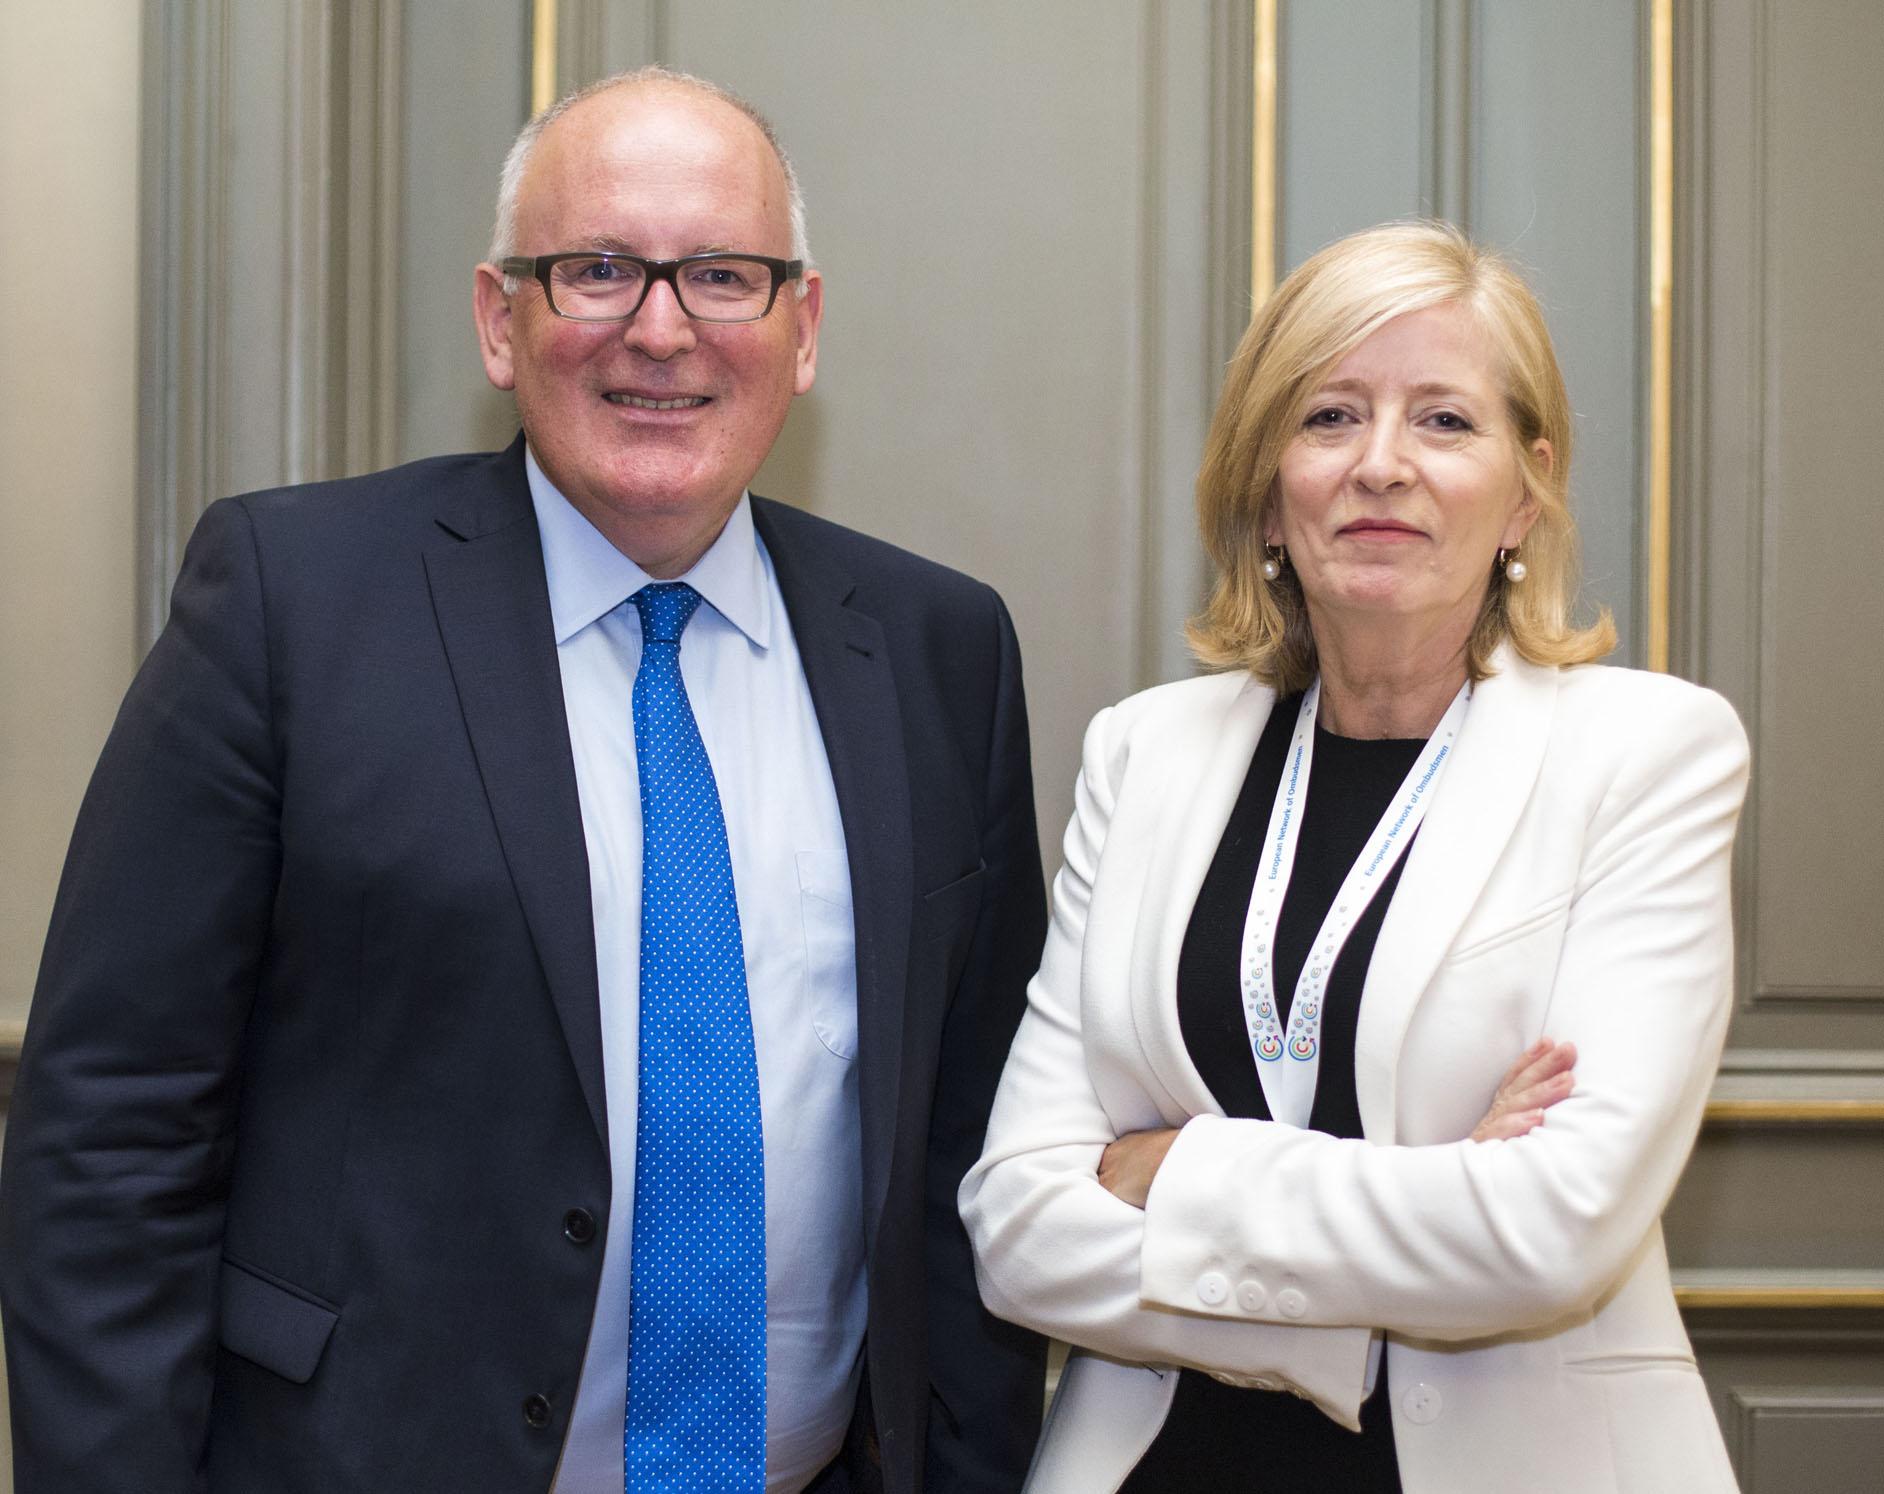 Europska ombudsmanica s Fransom Timmermansom, prvim potpredsjednikom Europske komisije odgovornim za bolju regulativu, međuinstitucijske odnose, vladavinu prava i Povelju o temeljnim pravima.